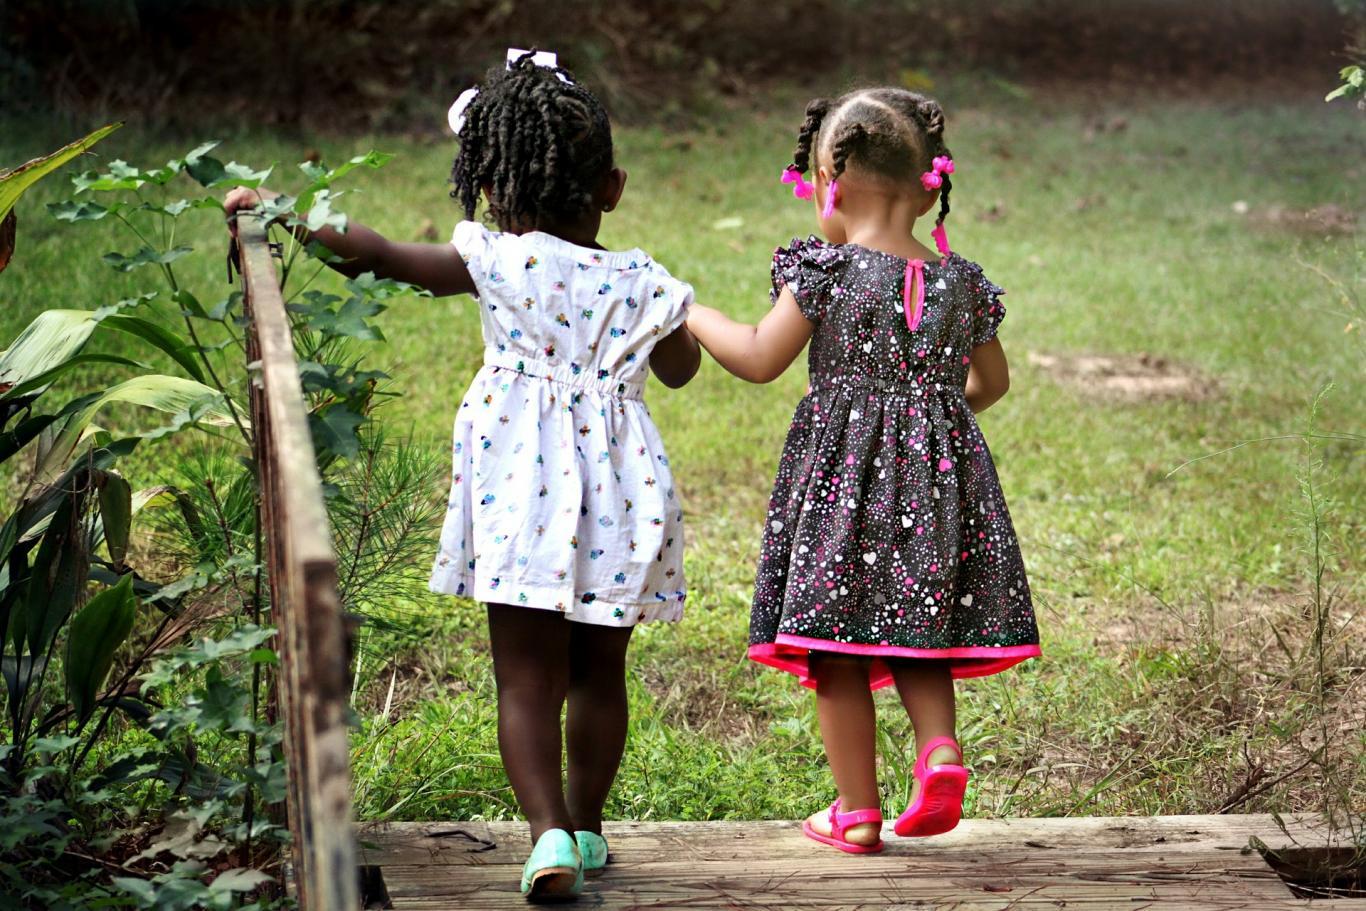 Se crea enlace externo a la información práctica sobre el programa I+I , de Intervención Integral a menores en riesgo social